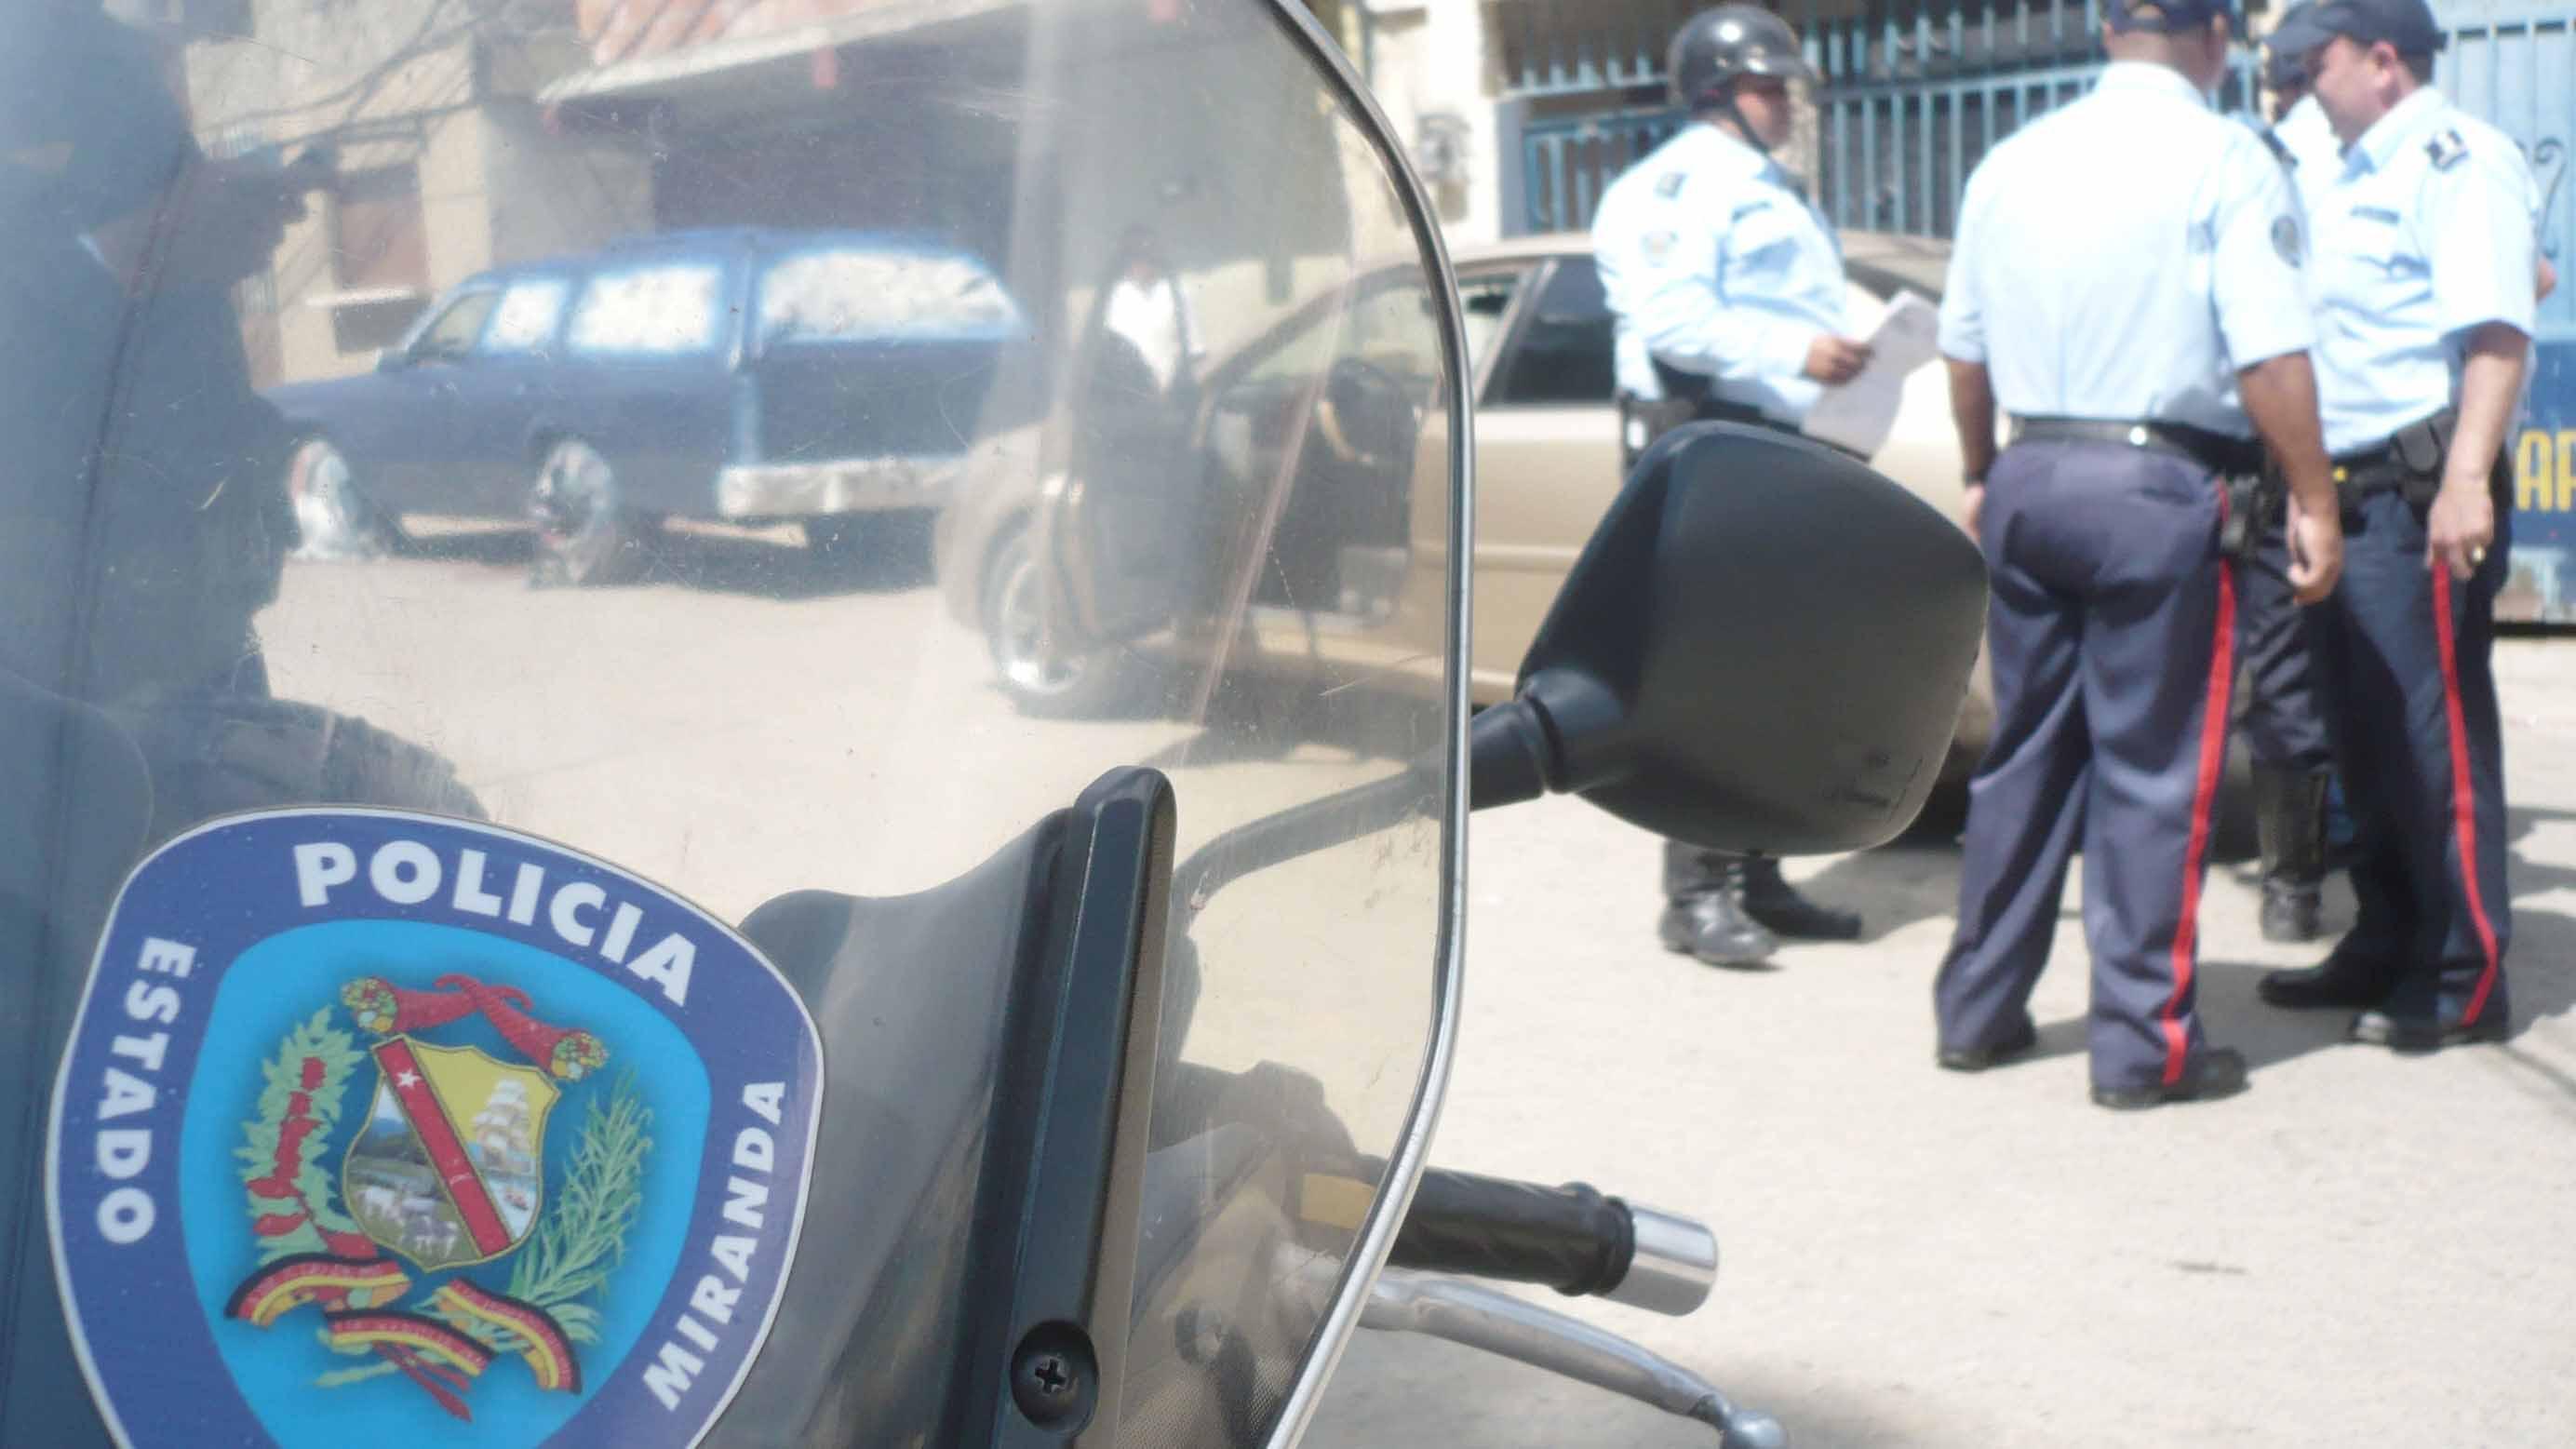 Los interesados/das en formar parte de este cuerpo policial deberán tener entre 18 a 26 años y ser bachiller